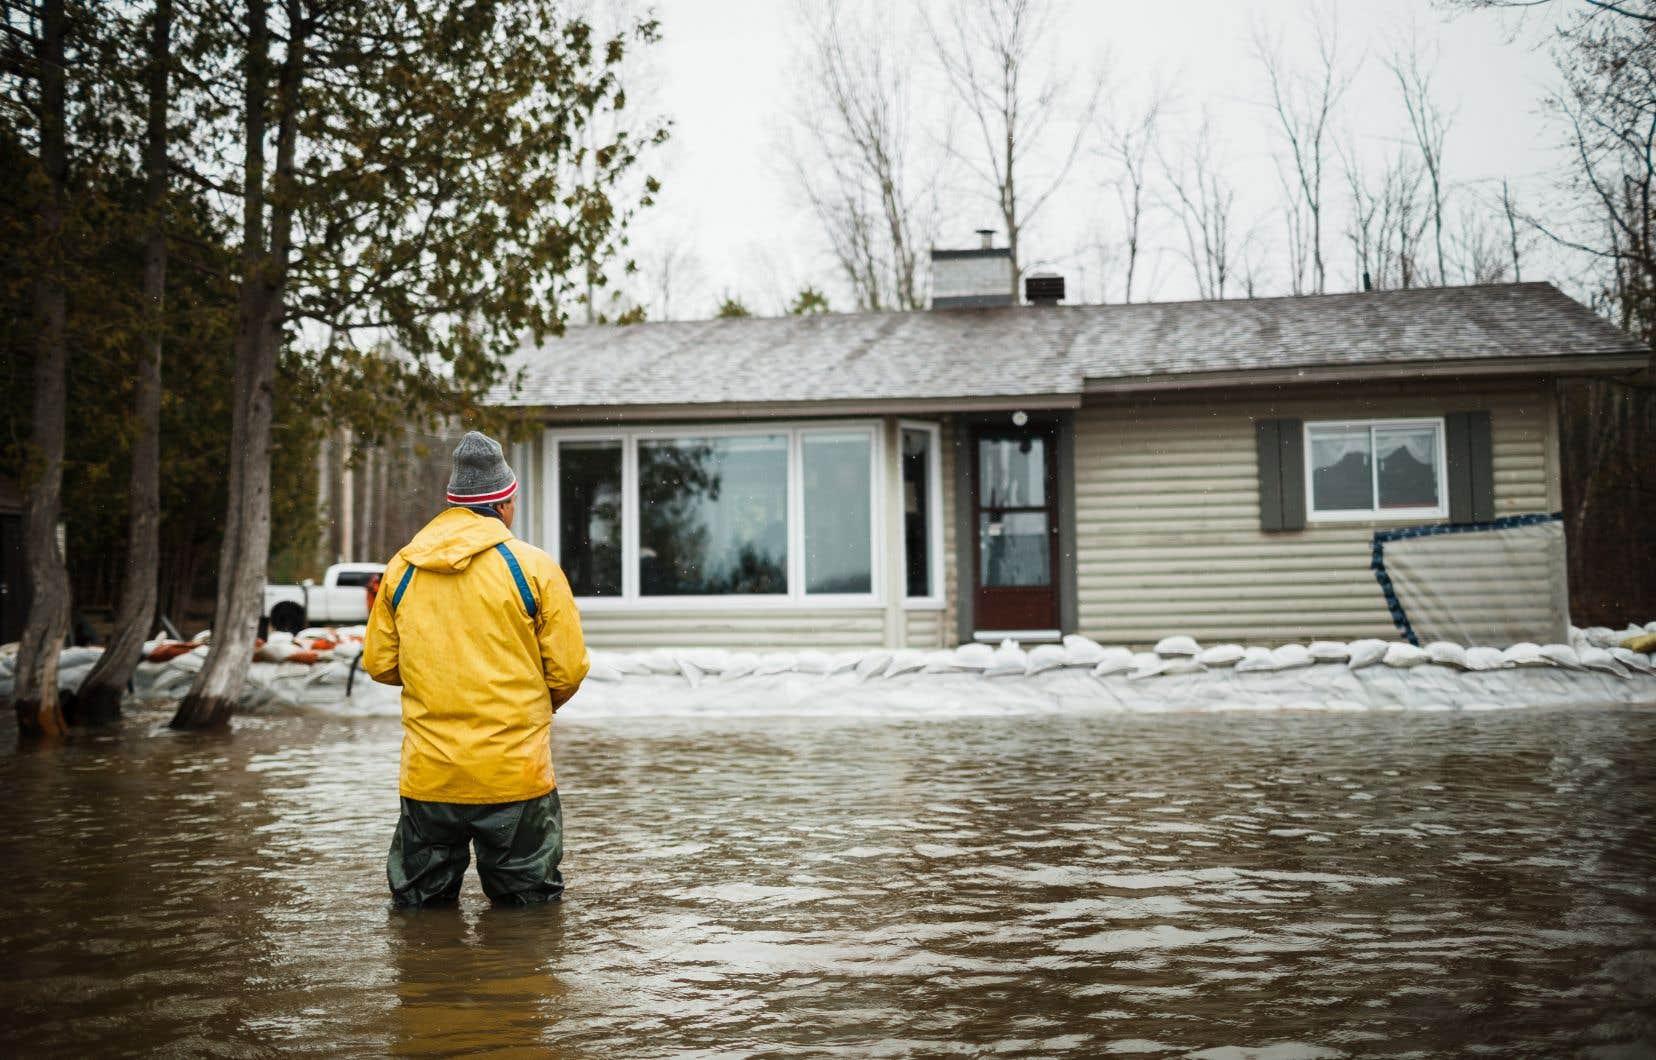 Au printemps 2019, un  résident du quartier d'Aylmer,  à Gatineau, observait sa maison encerclée par les eaux.